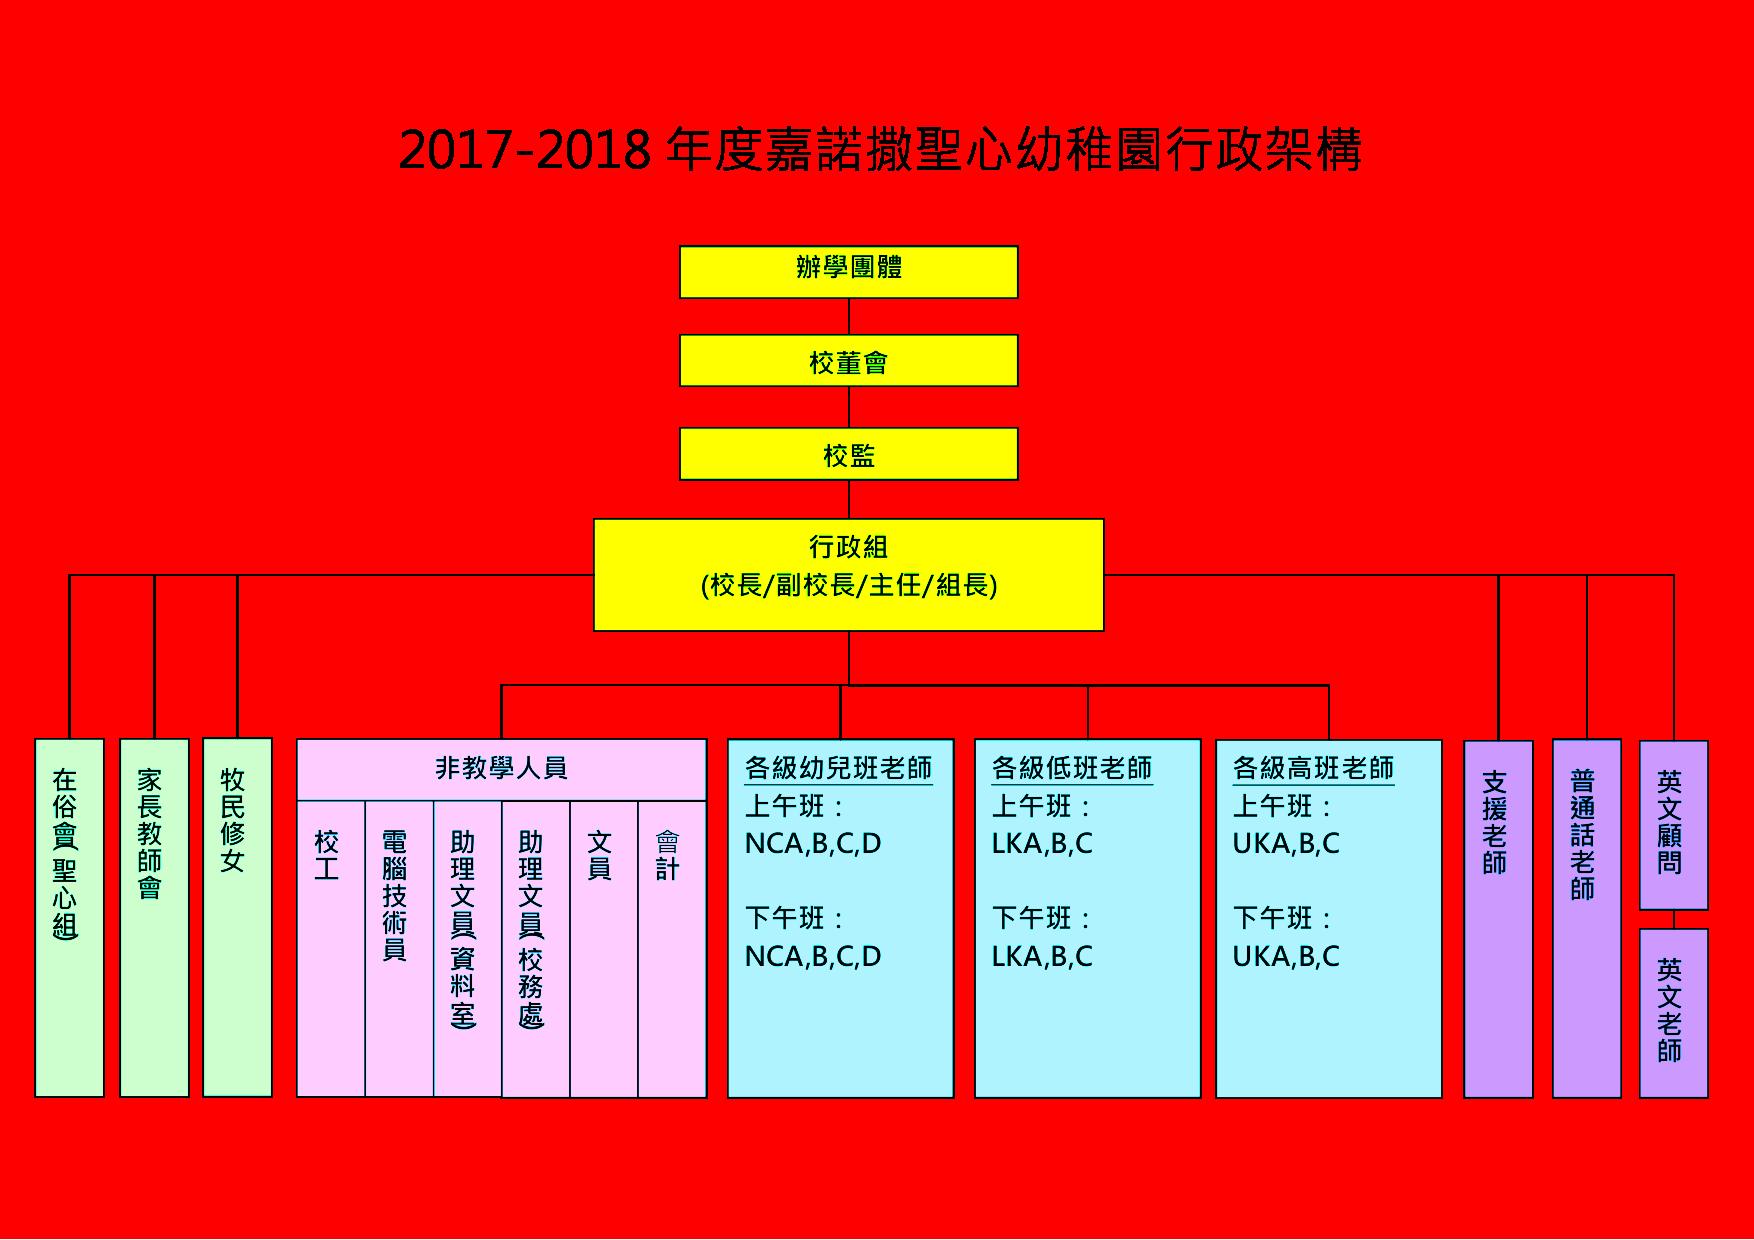 幼稚園管理架構